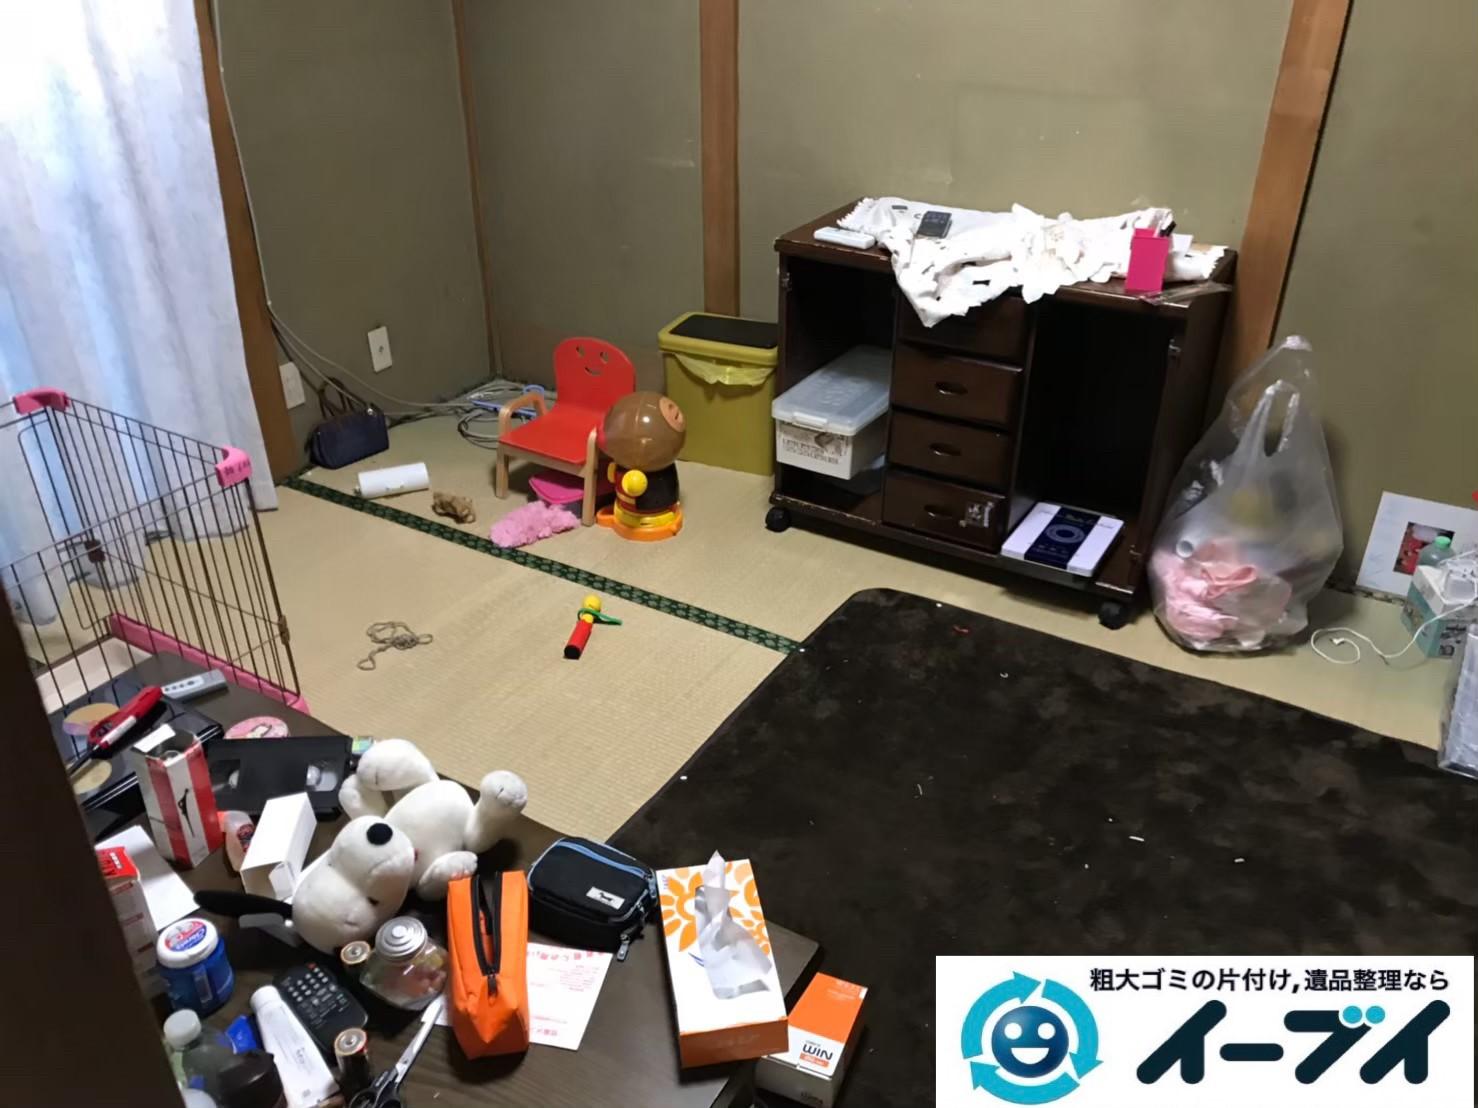 2019年9月9日大阪府大阪市東住吉区でテーブルや収納棚の大型家具処分。写真3